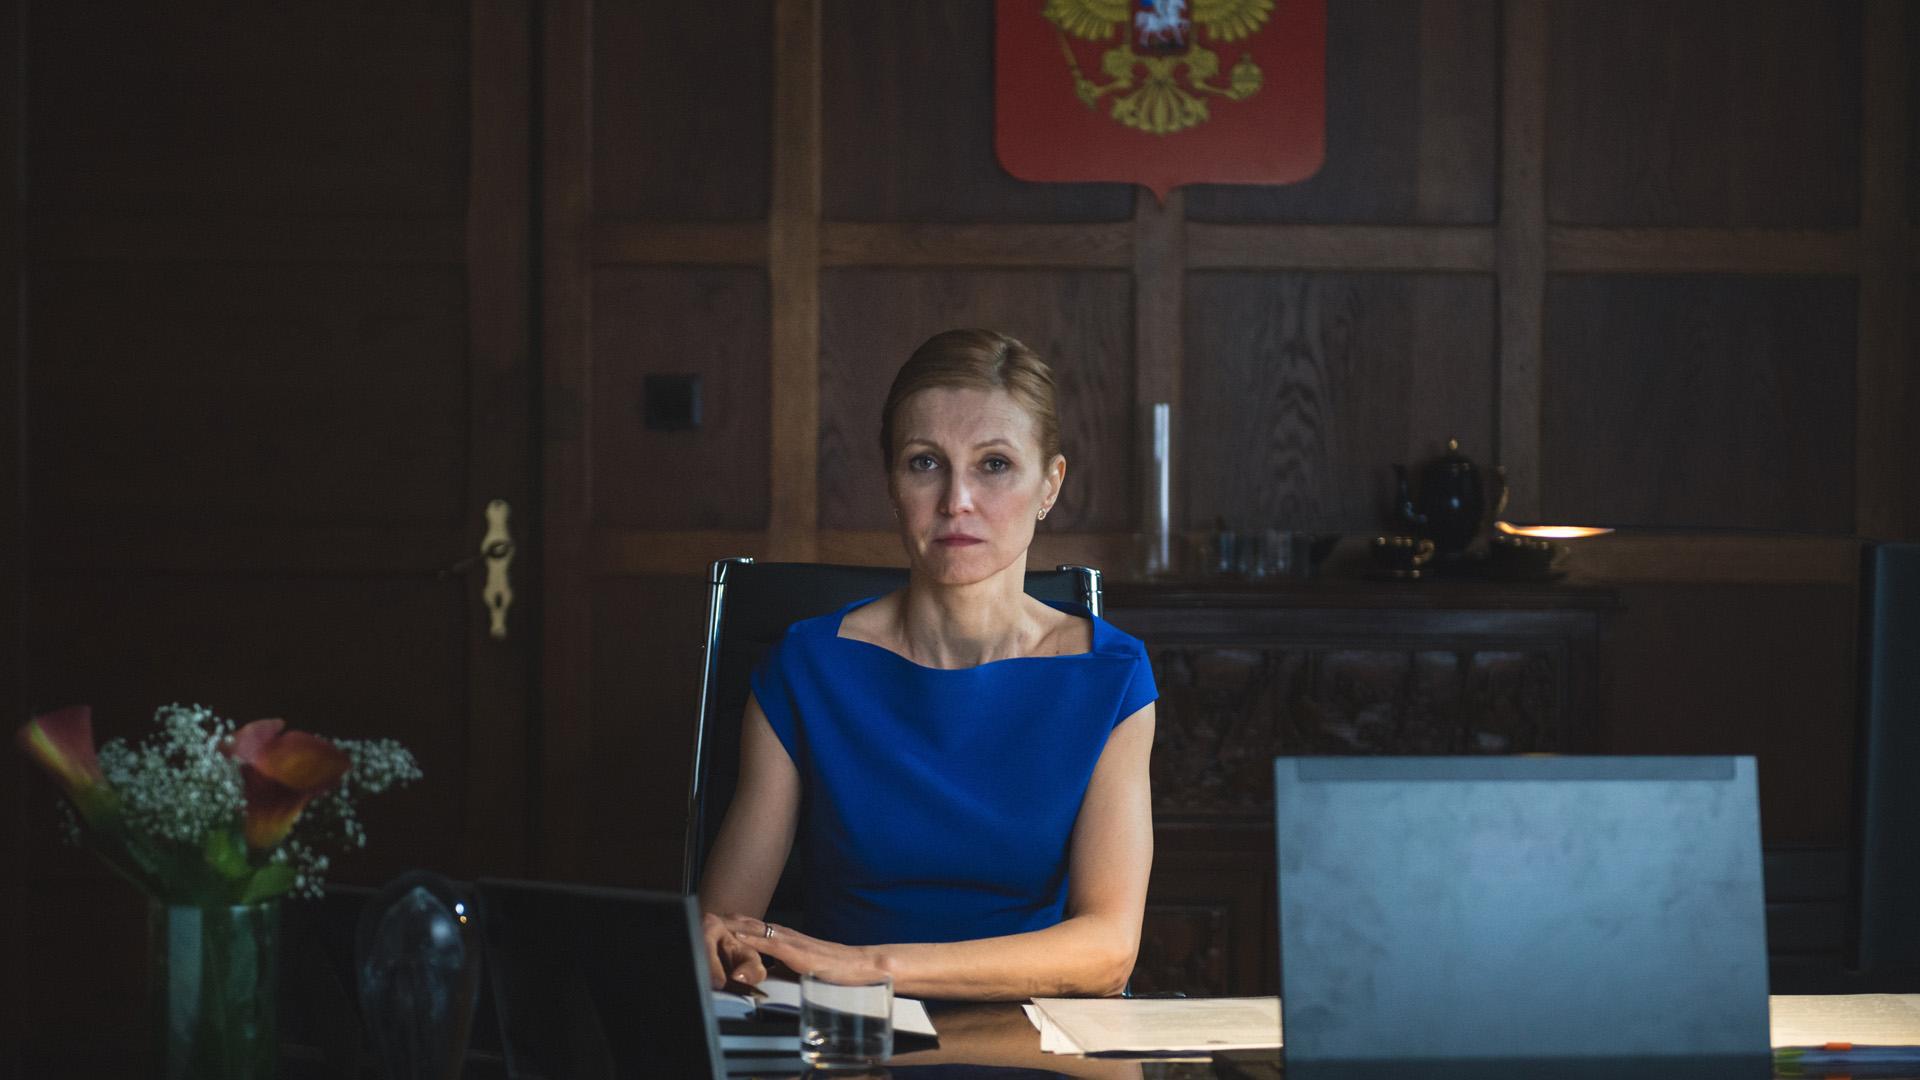 Den russiske ambassadøren Irina Sidorva (Ingeborga Dapkunaite) kommer med stadig små krav til norske myndigheter. (Foto: TV2)